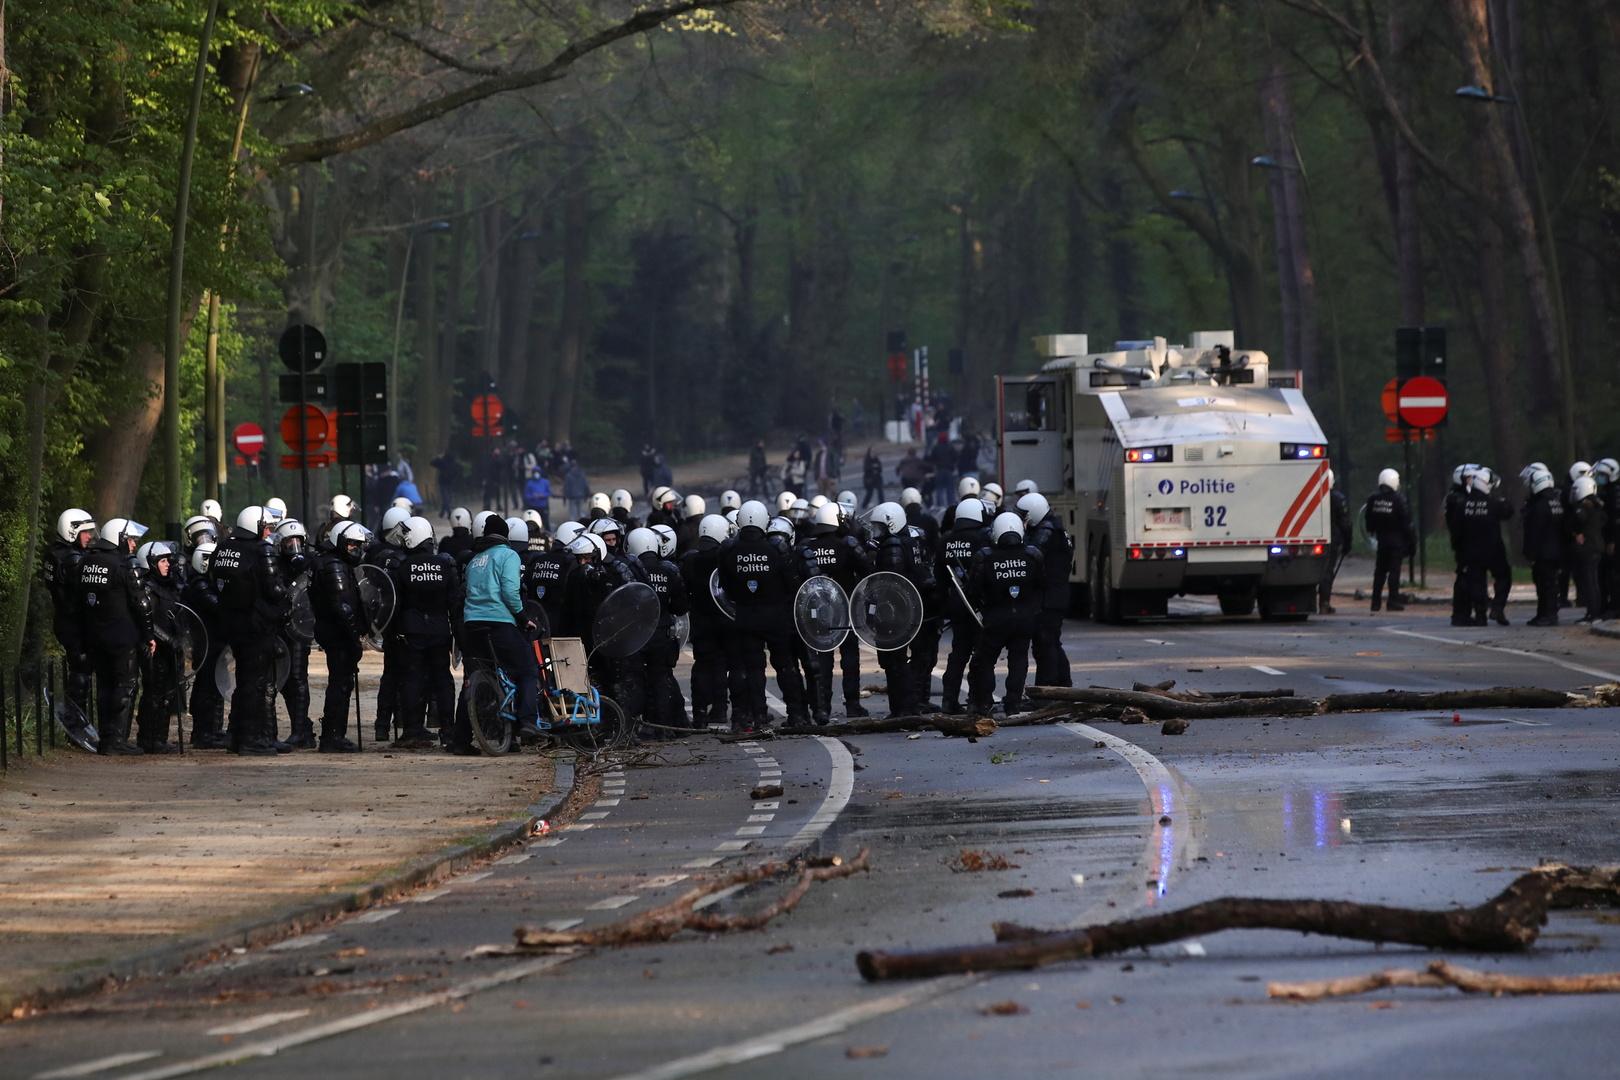 بلجيكا..اعتقال 132 شخصا شاركوا في حفلة احتجاجا على قيود كورونا